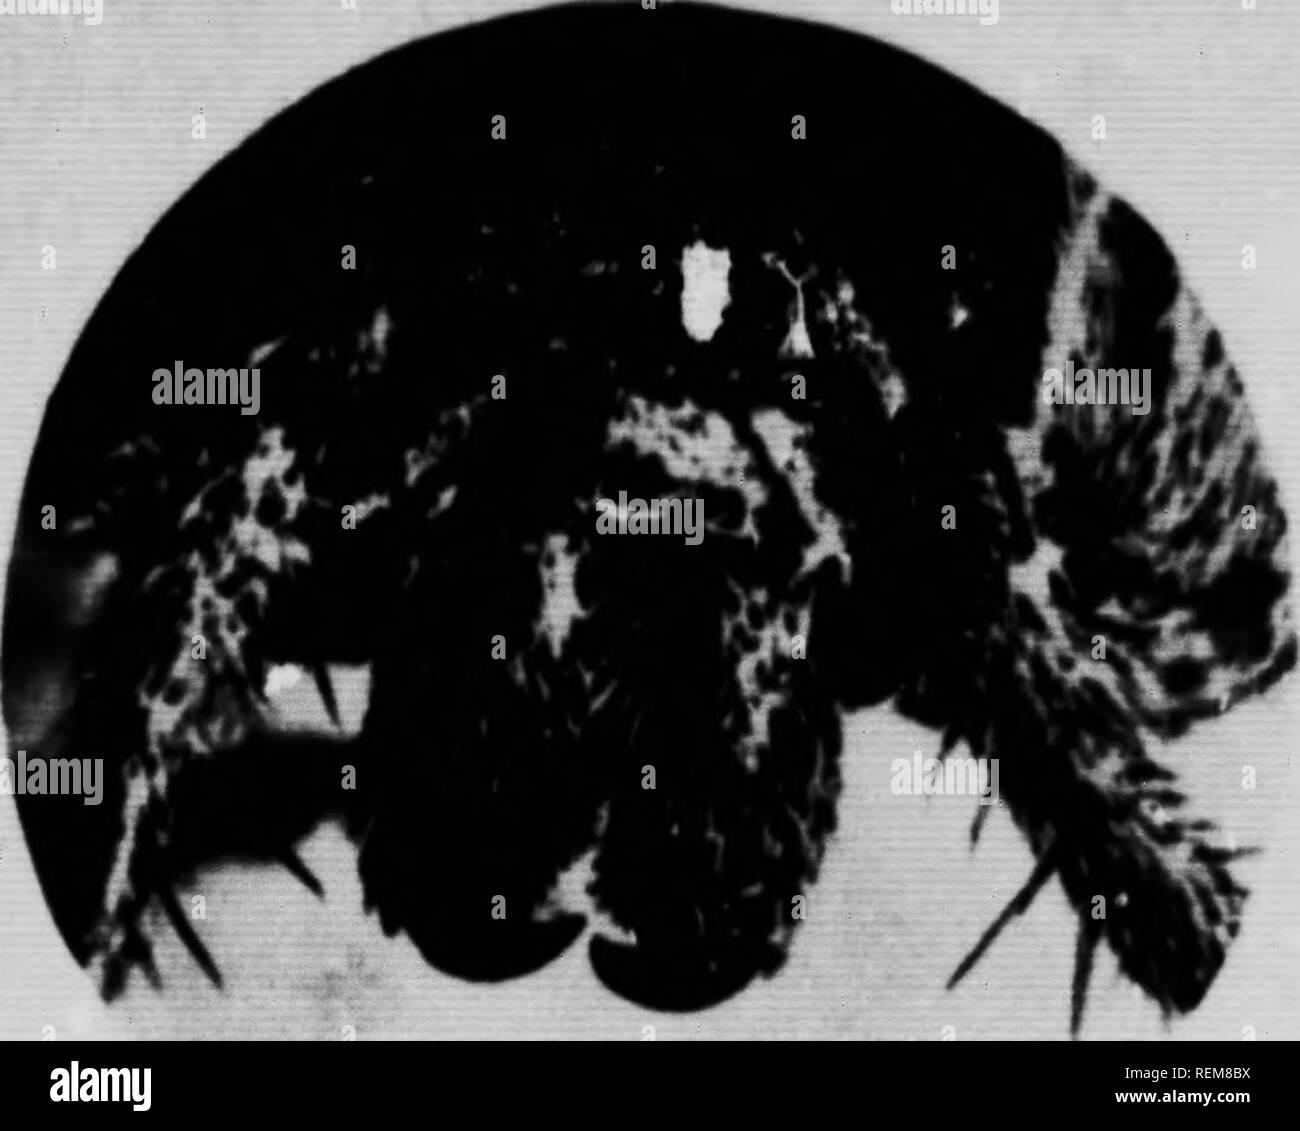 . Insekt Biographien mit Stift und Kamera [microform]. Insekten; Insectes; Entomologie; Entomologie. . Bitte beachten Sie, dass diese Bilder sind von der gescannten Seite Bilder, die digital für die Lesbarkeit verbessert haben mögen - Färbung und Aussehen dieser Abbildungen können nicht perfekt dem Original ähneln. extrahiert. Bezirk, John J., b. 1875. Toronto: Bell& Cockburn Stockbild